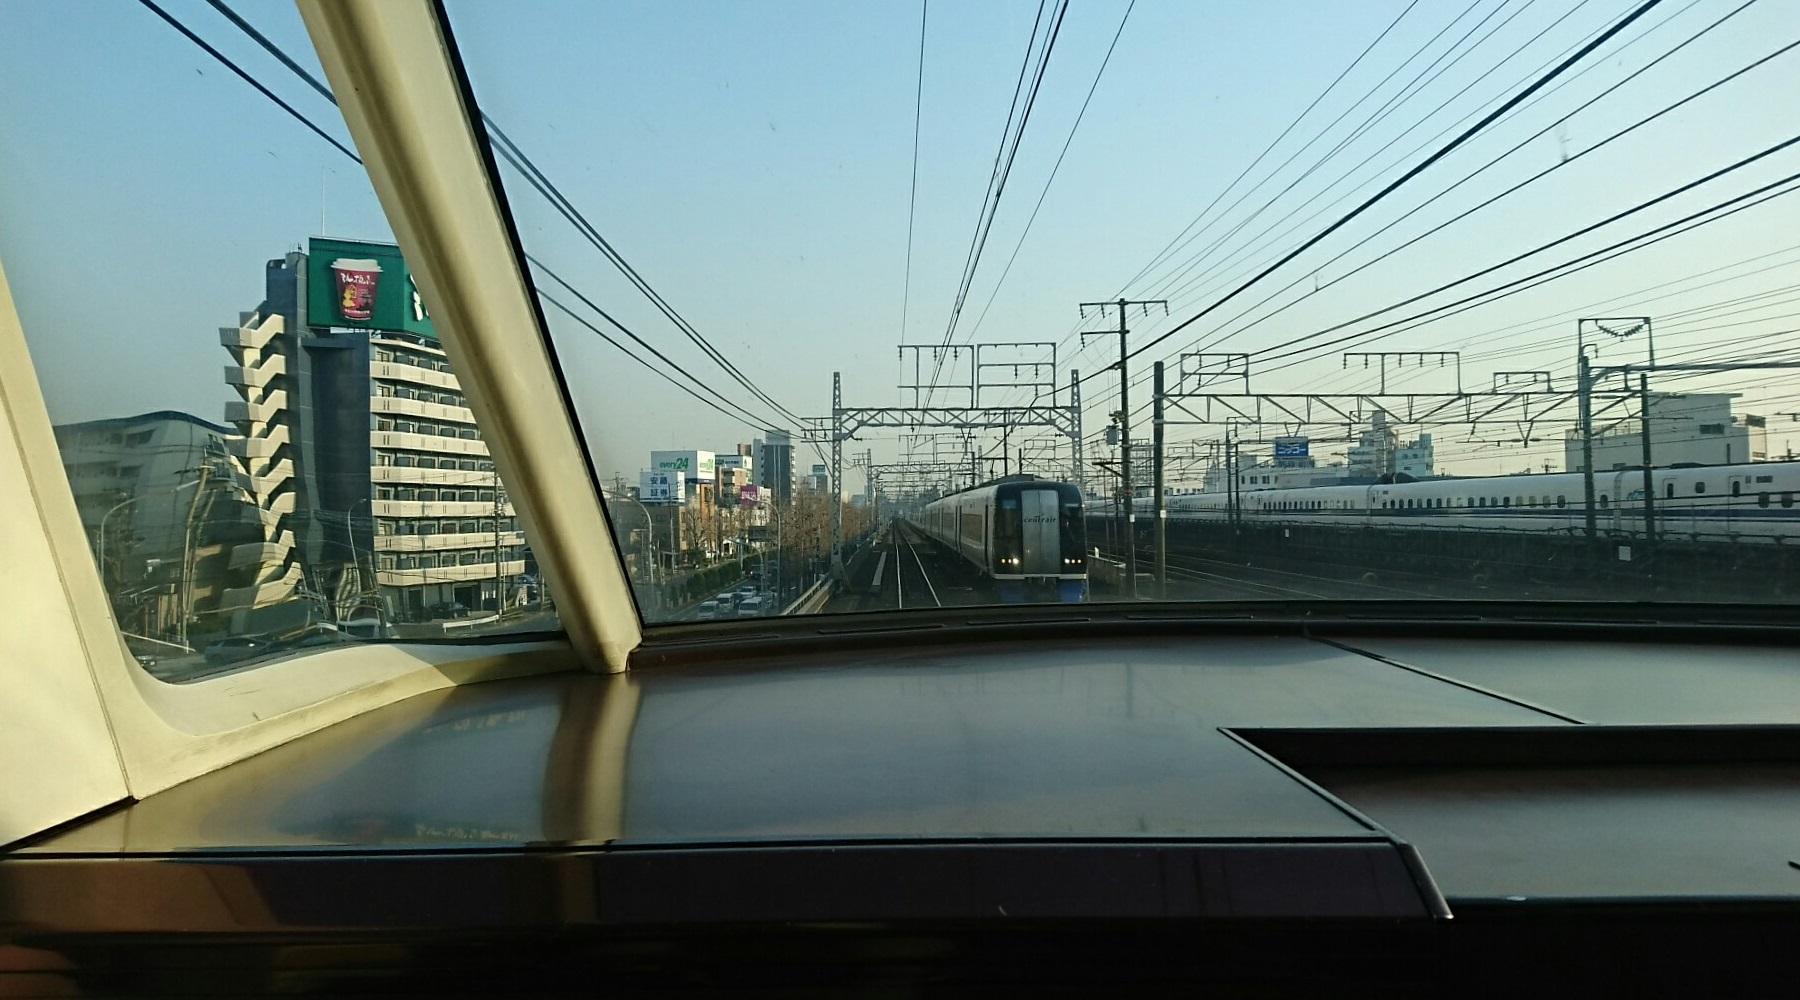 2018.3.13 白子 (78) 豊橋いき特急 - 名古屋-山王間(ミュースカイ) 1800-1000